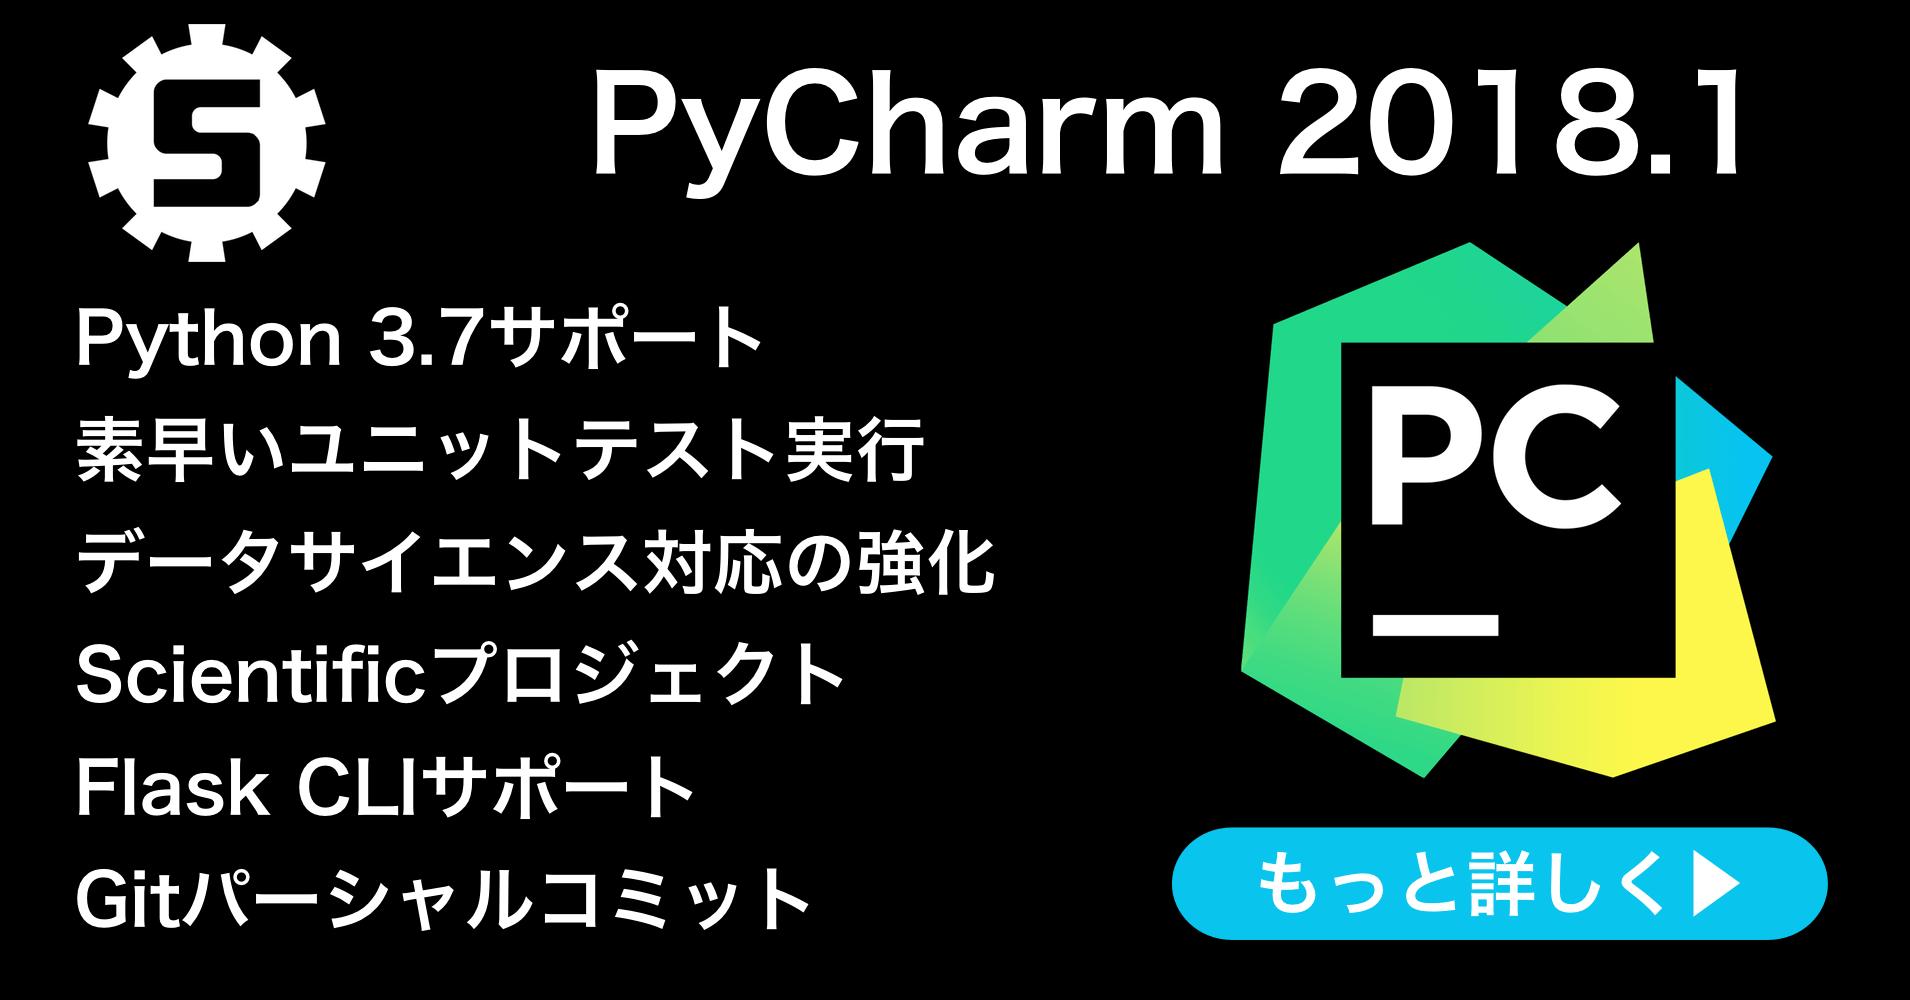 PyCharm 2018.1リリース